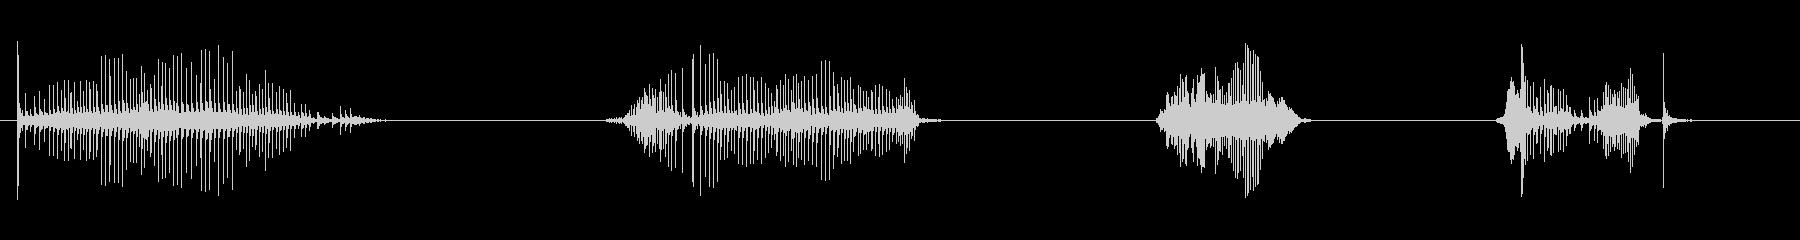 ドアウッドクリークスローディープx4の未再生の波形